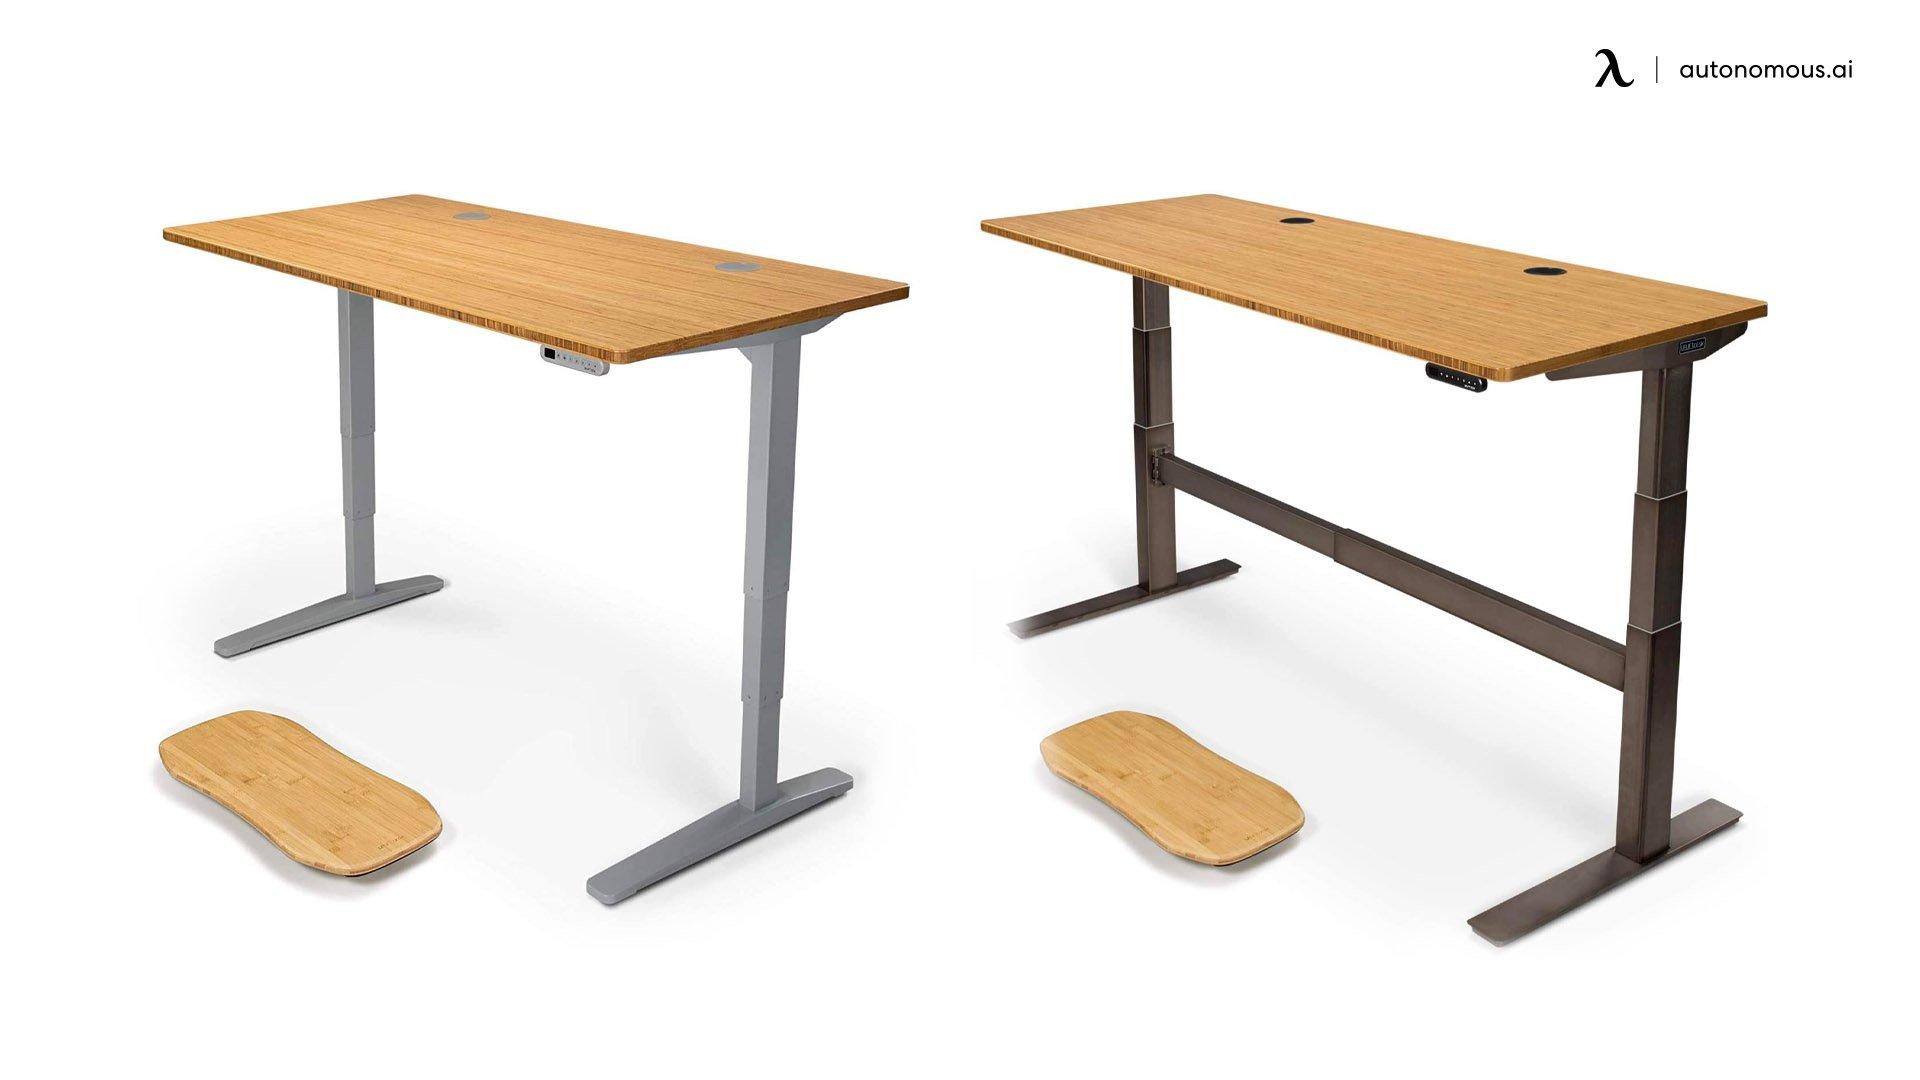 Uplift Bamboo Standing Desk